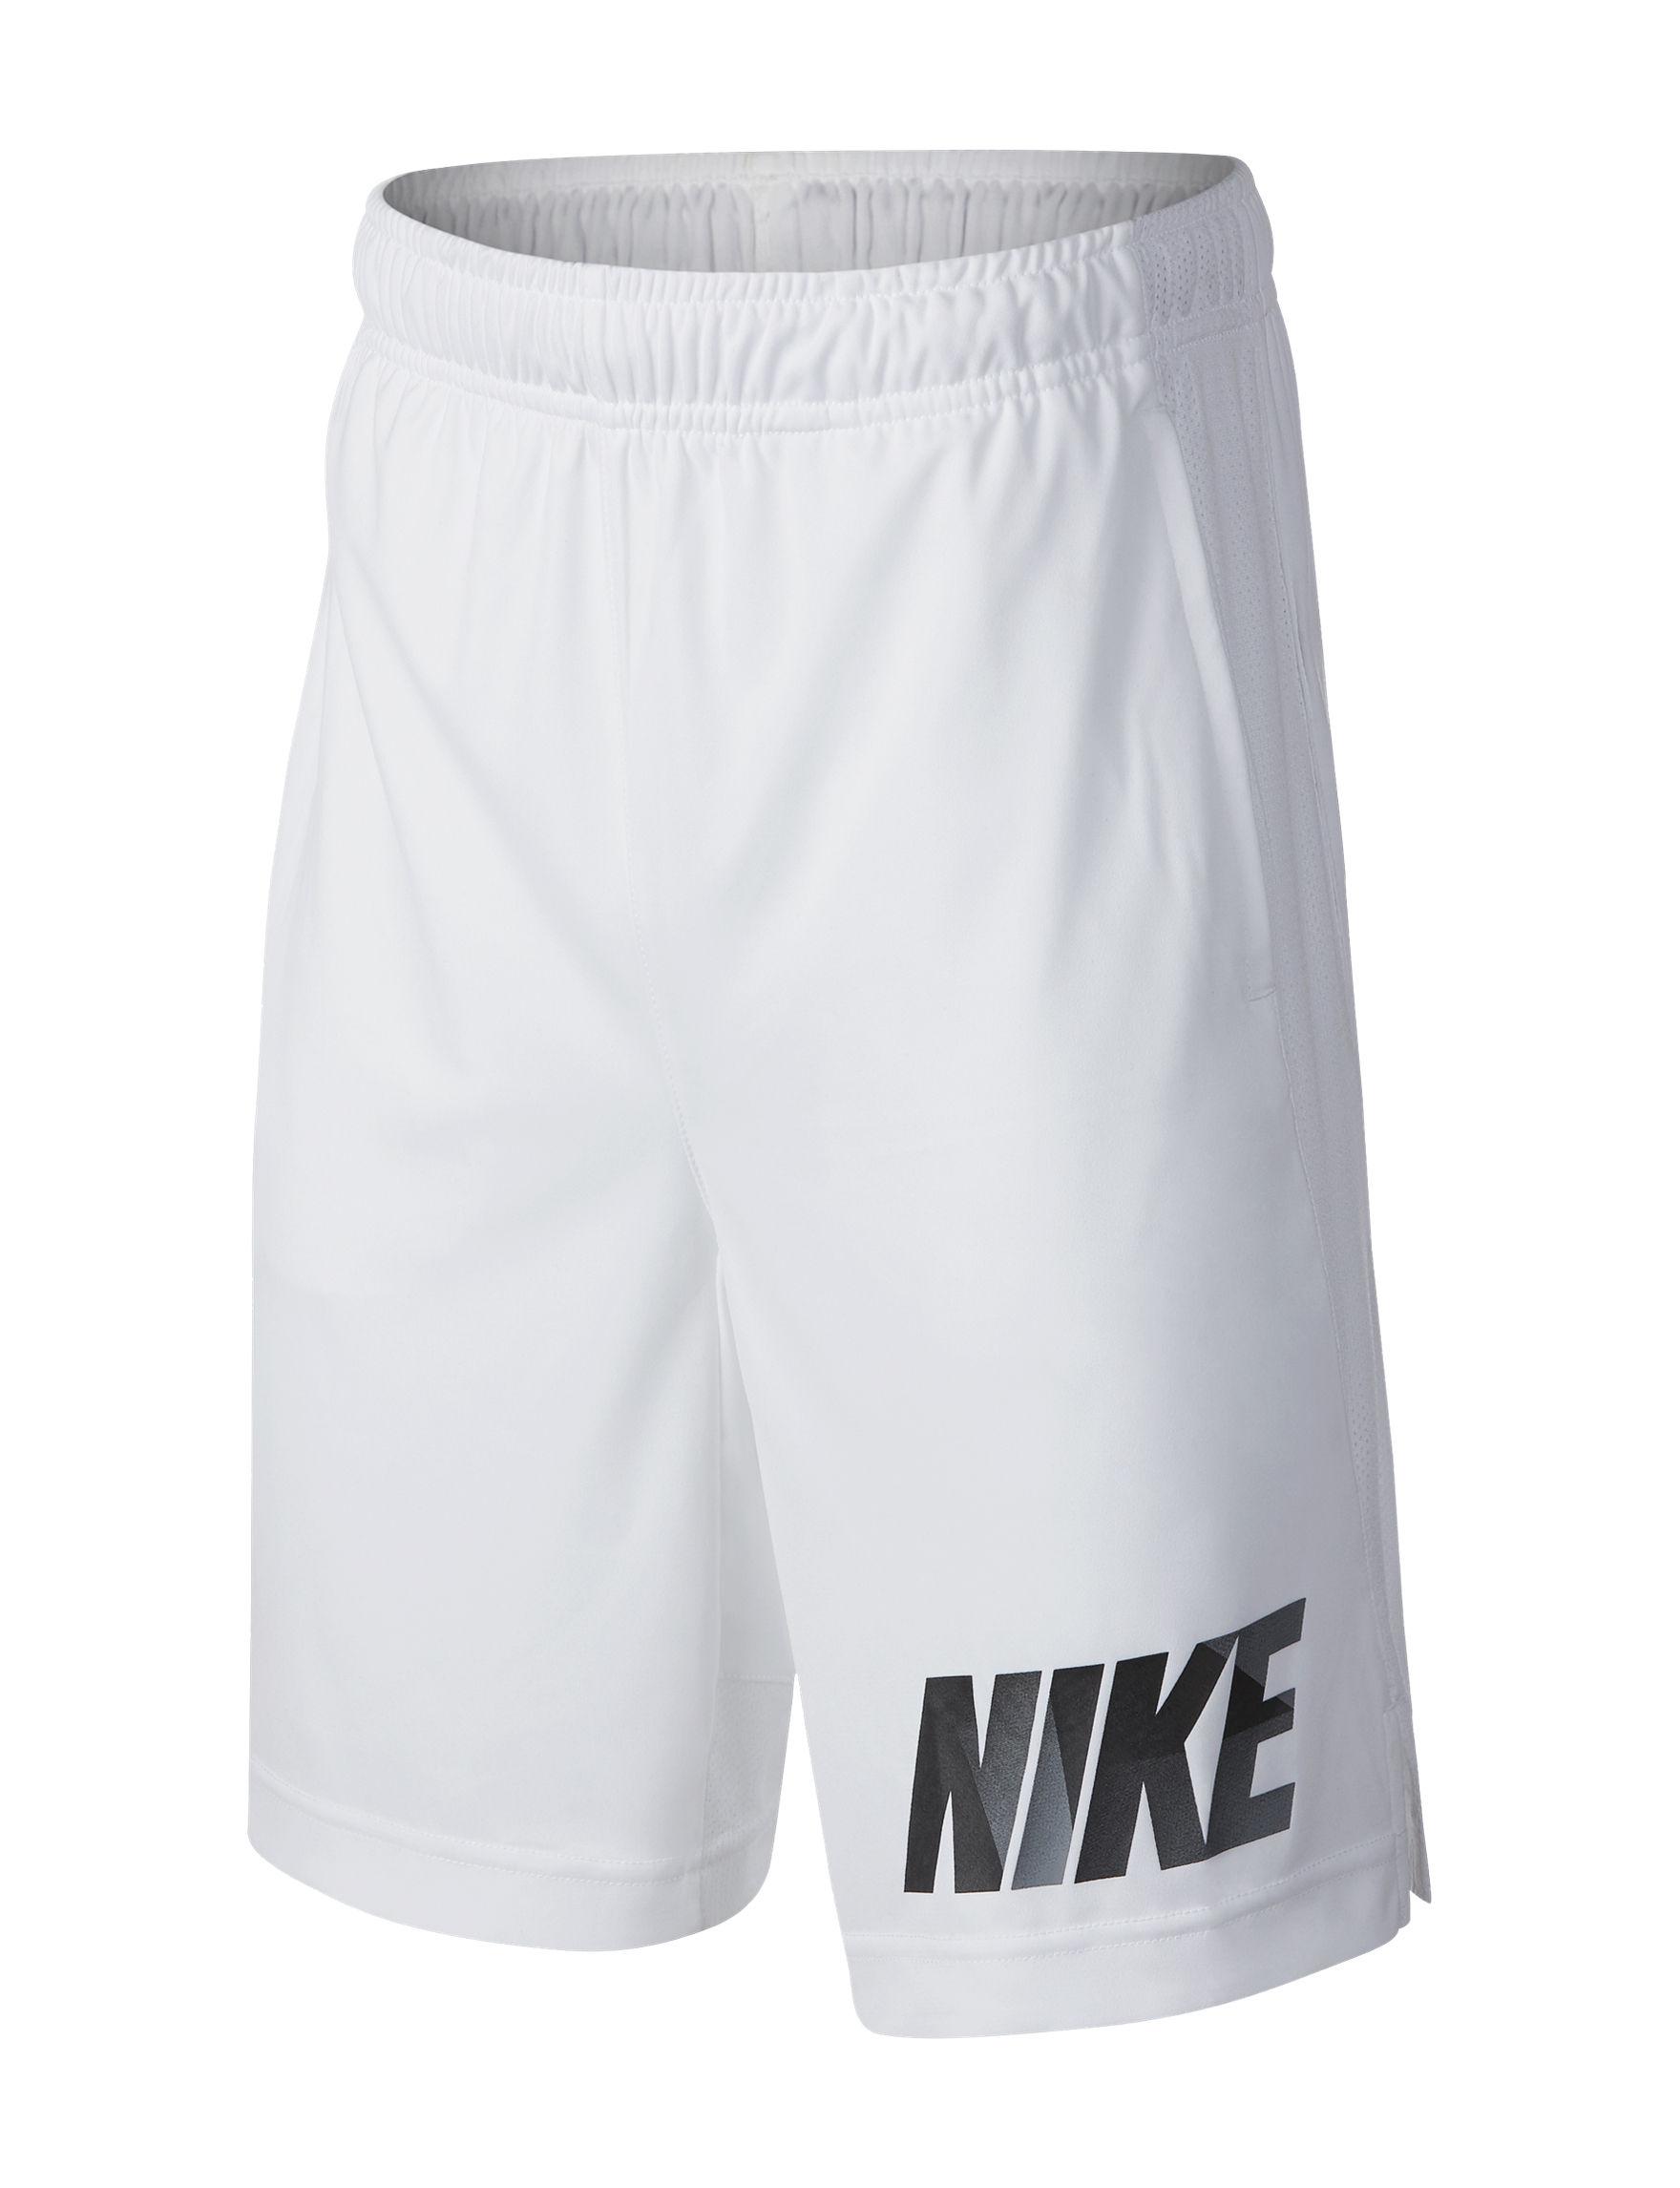 Nike White Loose